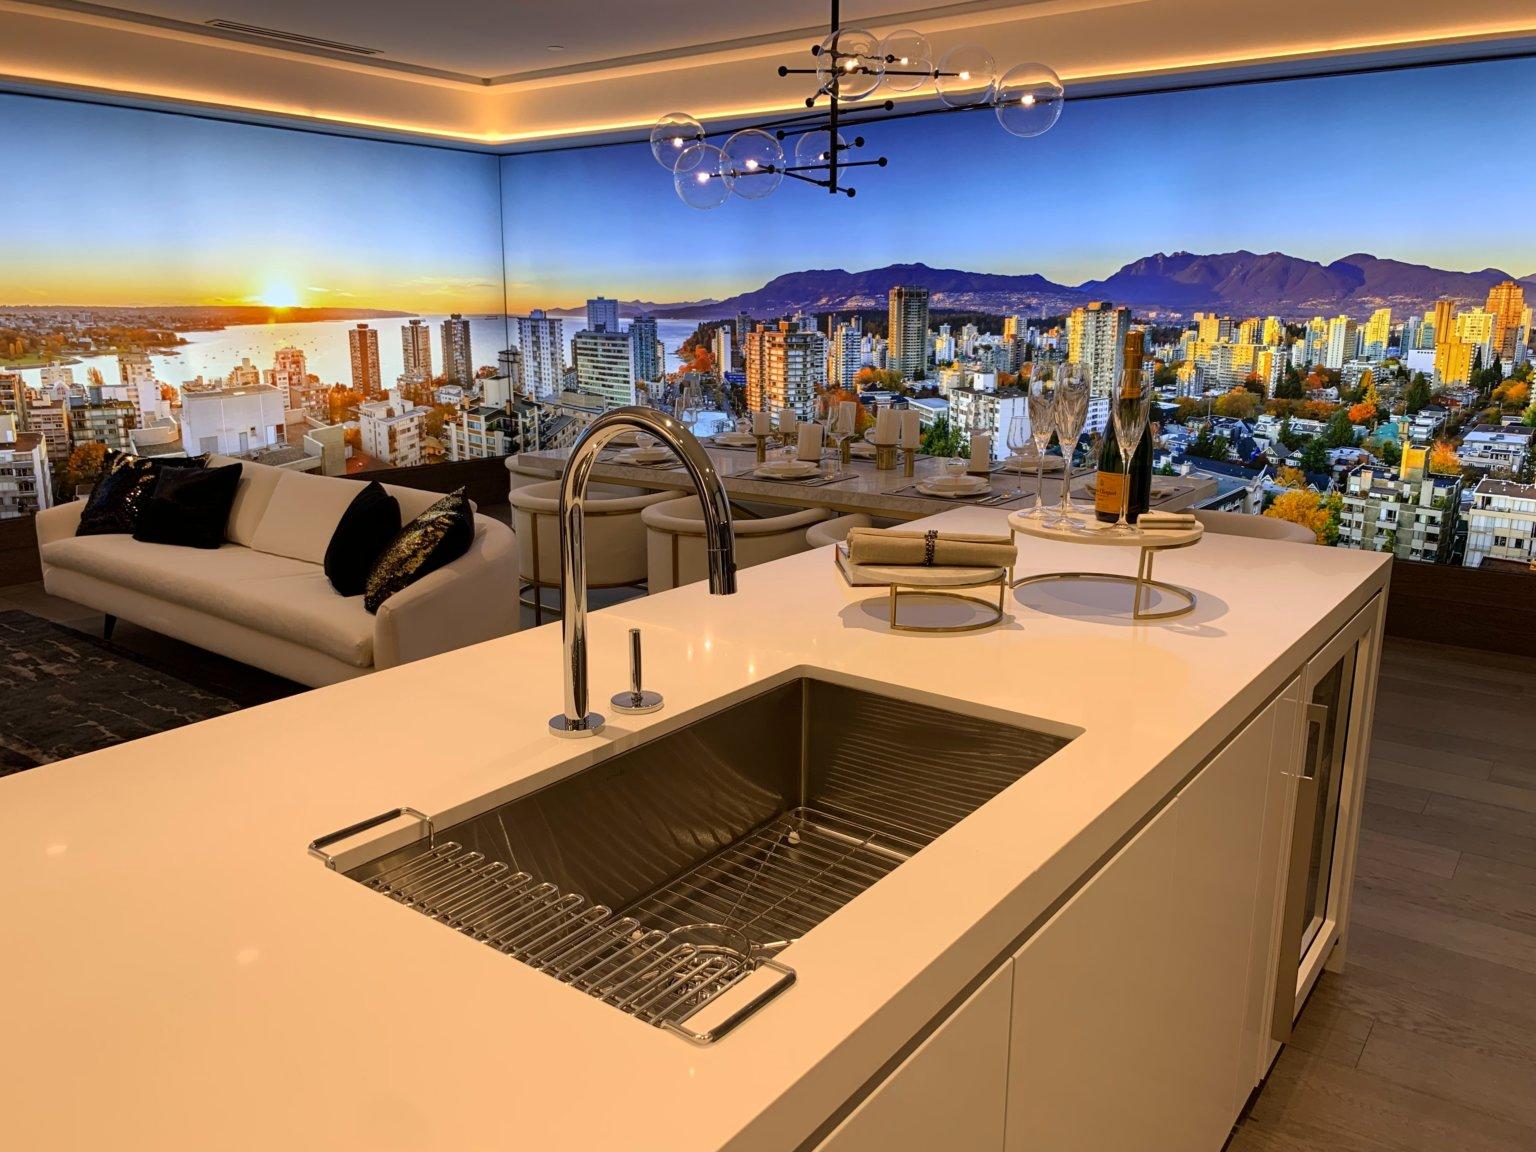 Căn bếp cá tính và cuốn hút nhờ decor tường ấn tượng - Ảnh 5.